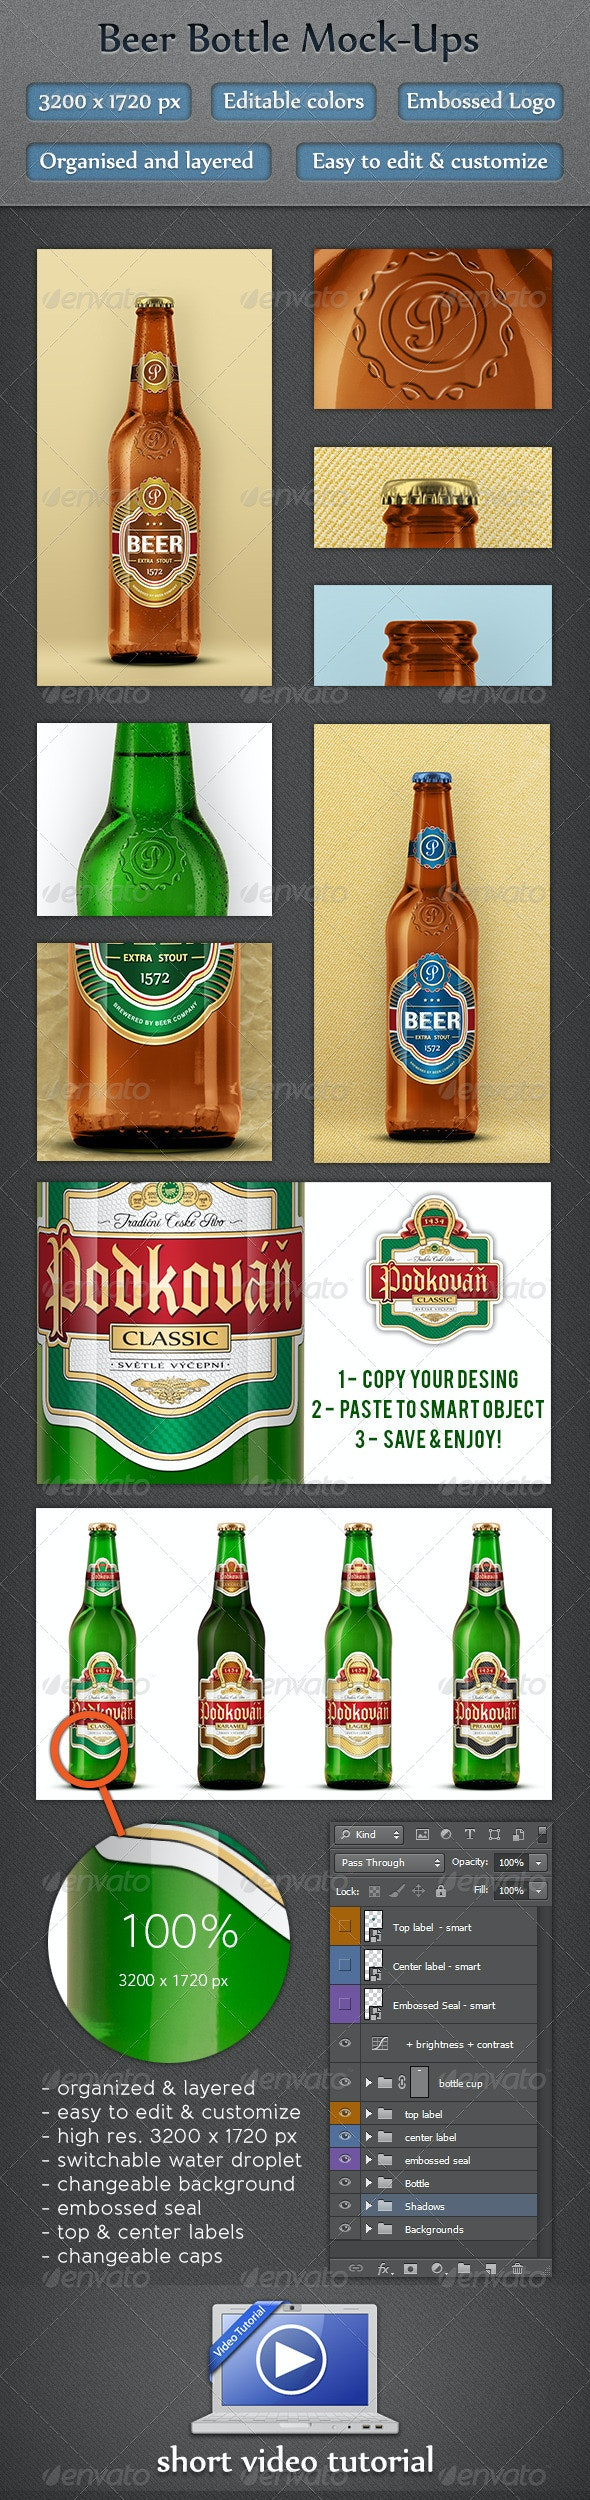 Beer Bottle Mock-Ups - Miscellaneous Product Mock-Ups